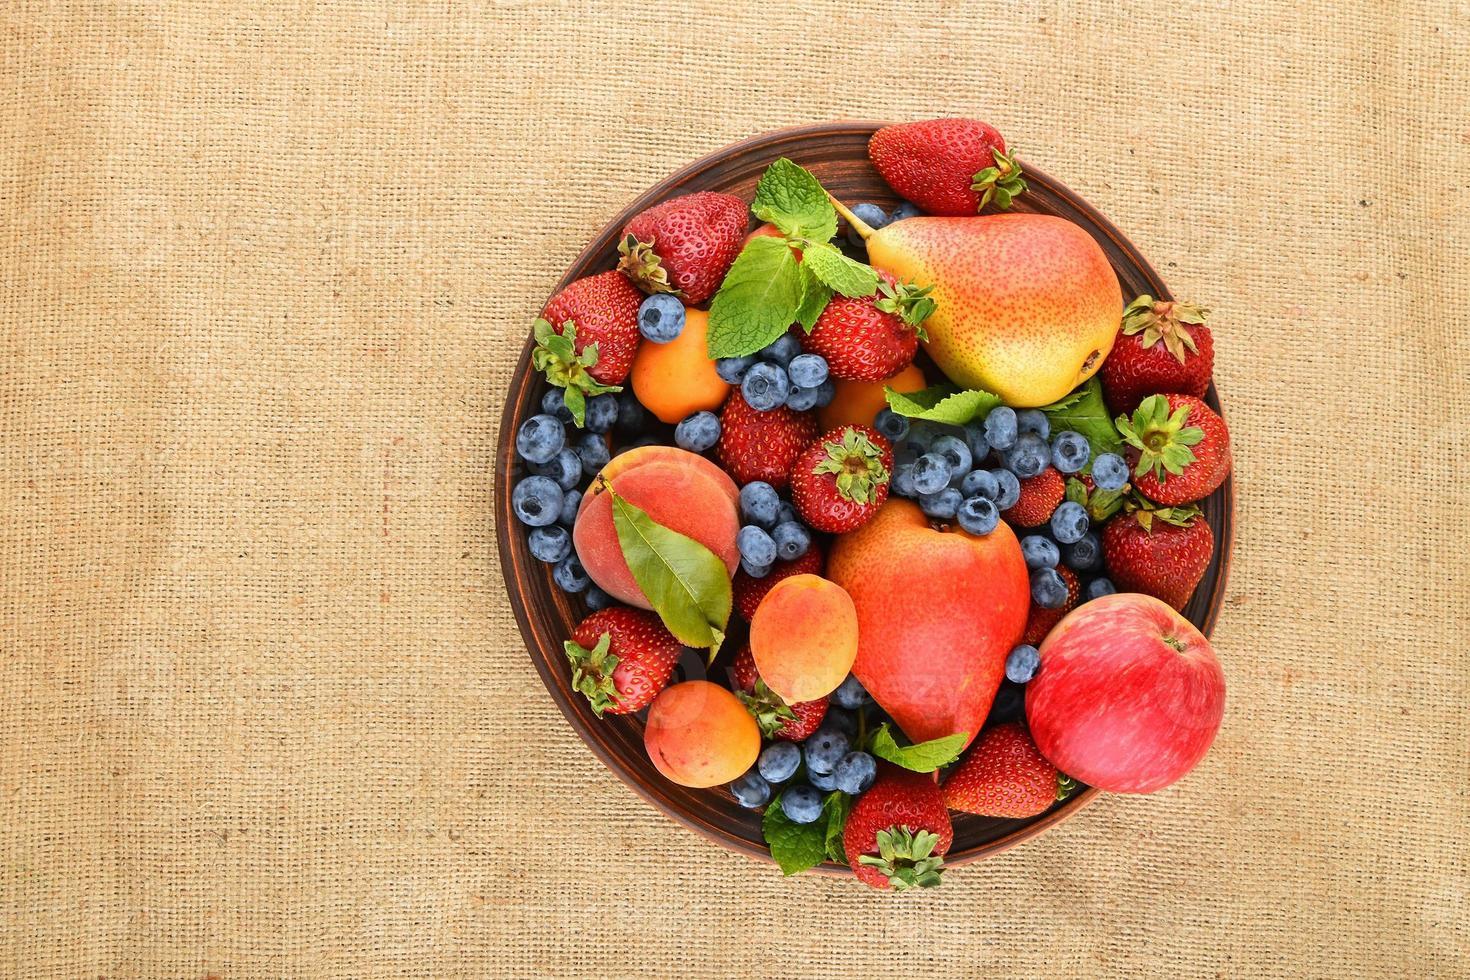 frutti e bacche si mescolano in un piatto di ceramica su tela di juta foto